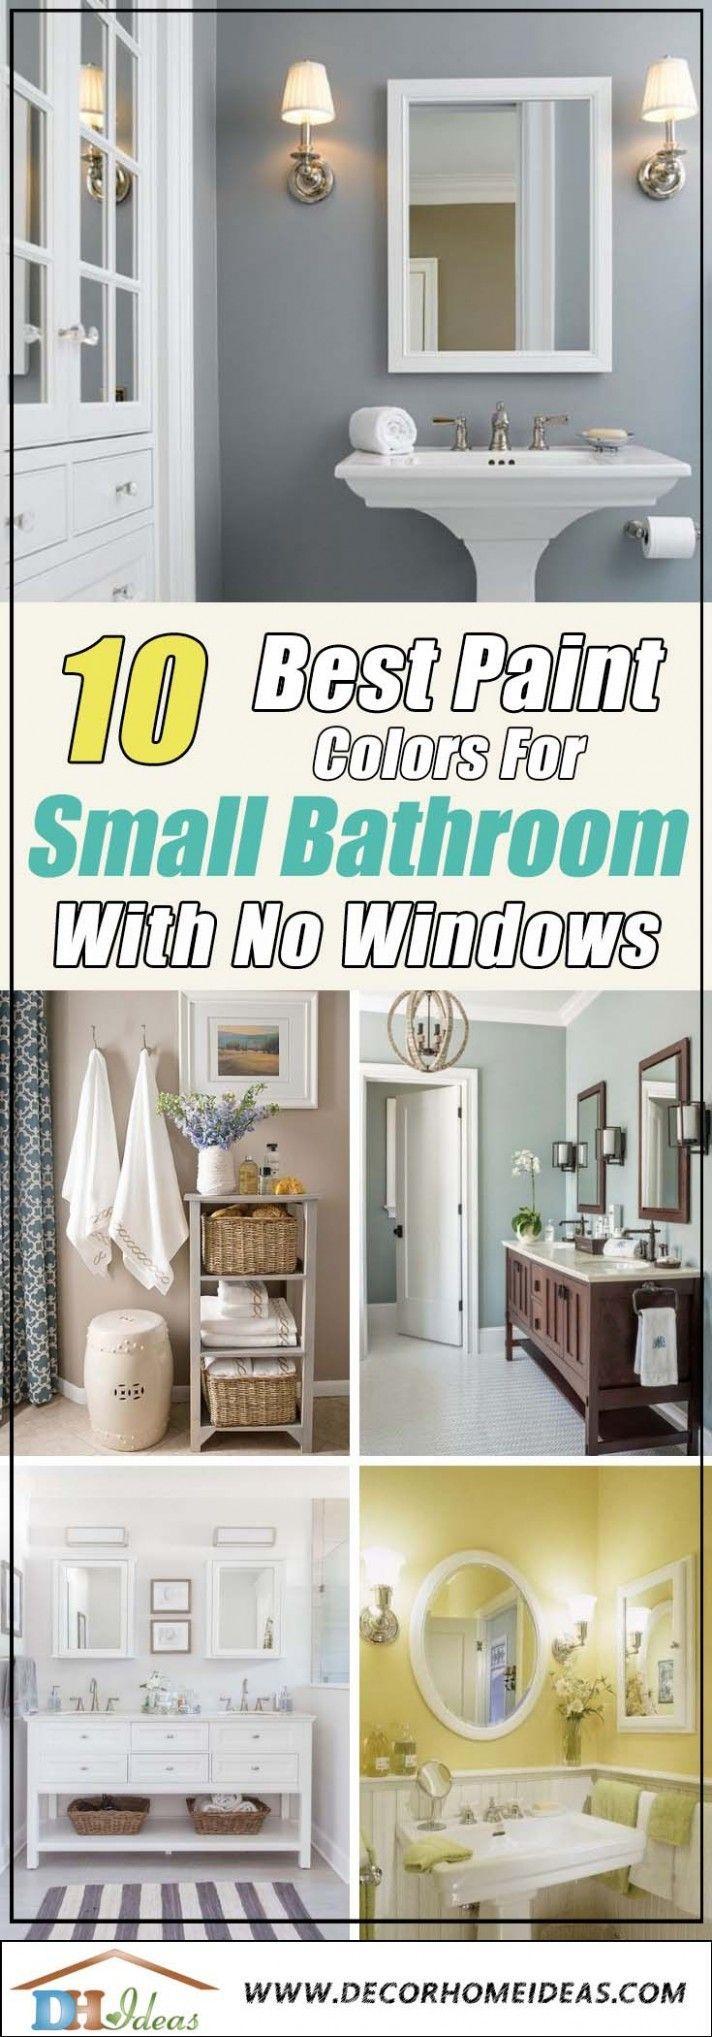 Bathroom Color Ideas No Window Bathroom Color Ideas Window In 2020 Best Bathroom Colors Small Bathroom Colors Small Bathroom Paint Colors